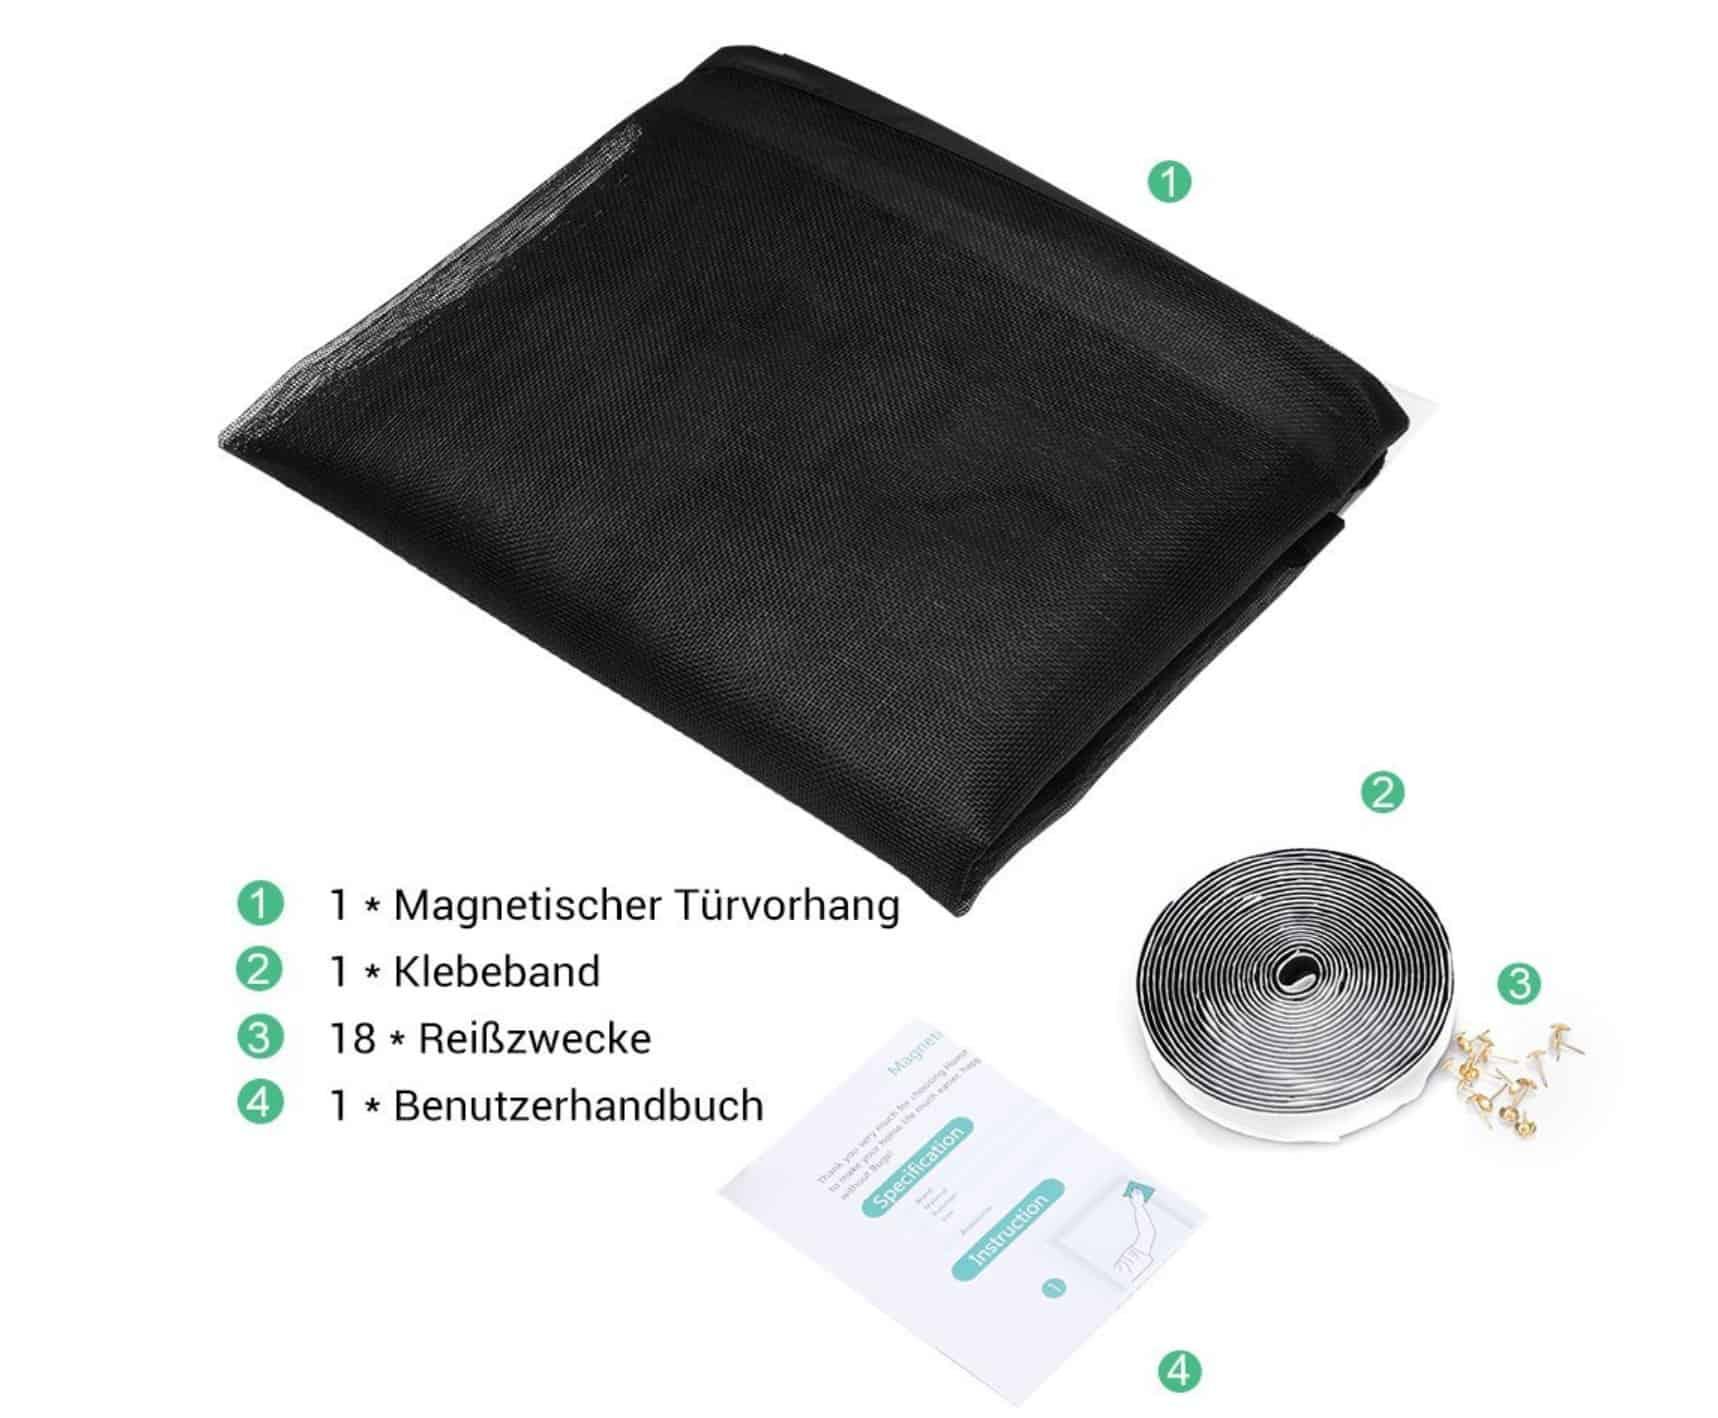 magnet fliegengitter f r t ren in verschieden gr en ab 8 99 euro. Black Bedroom Furniture Sets. Home Design Ideas